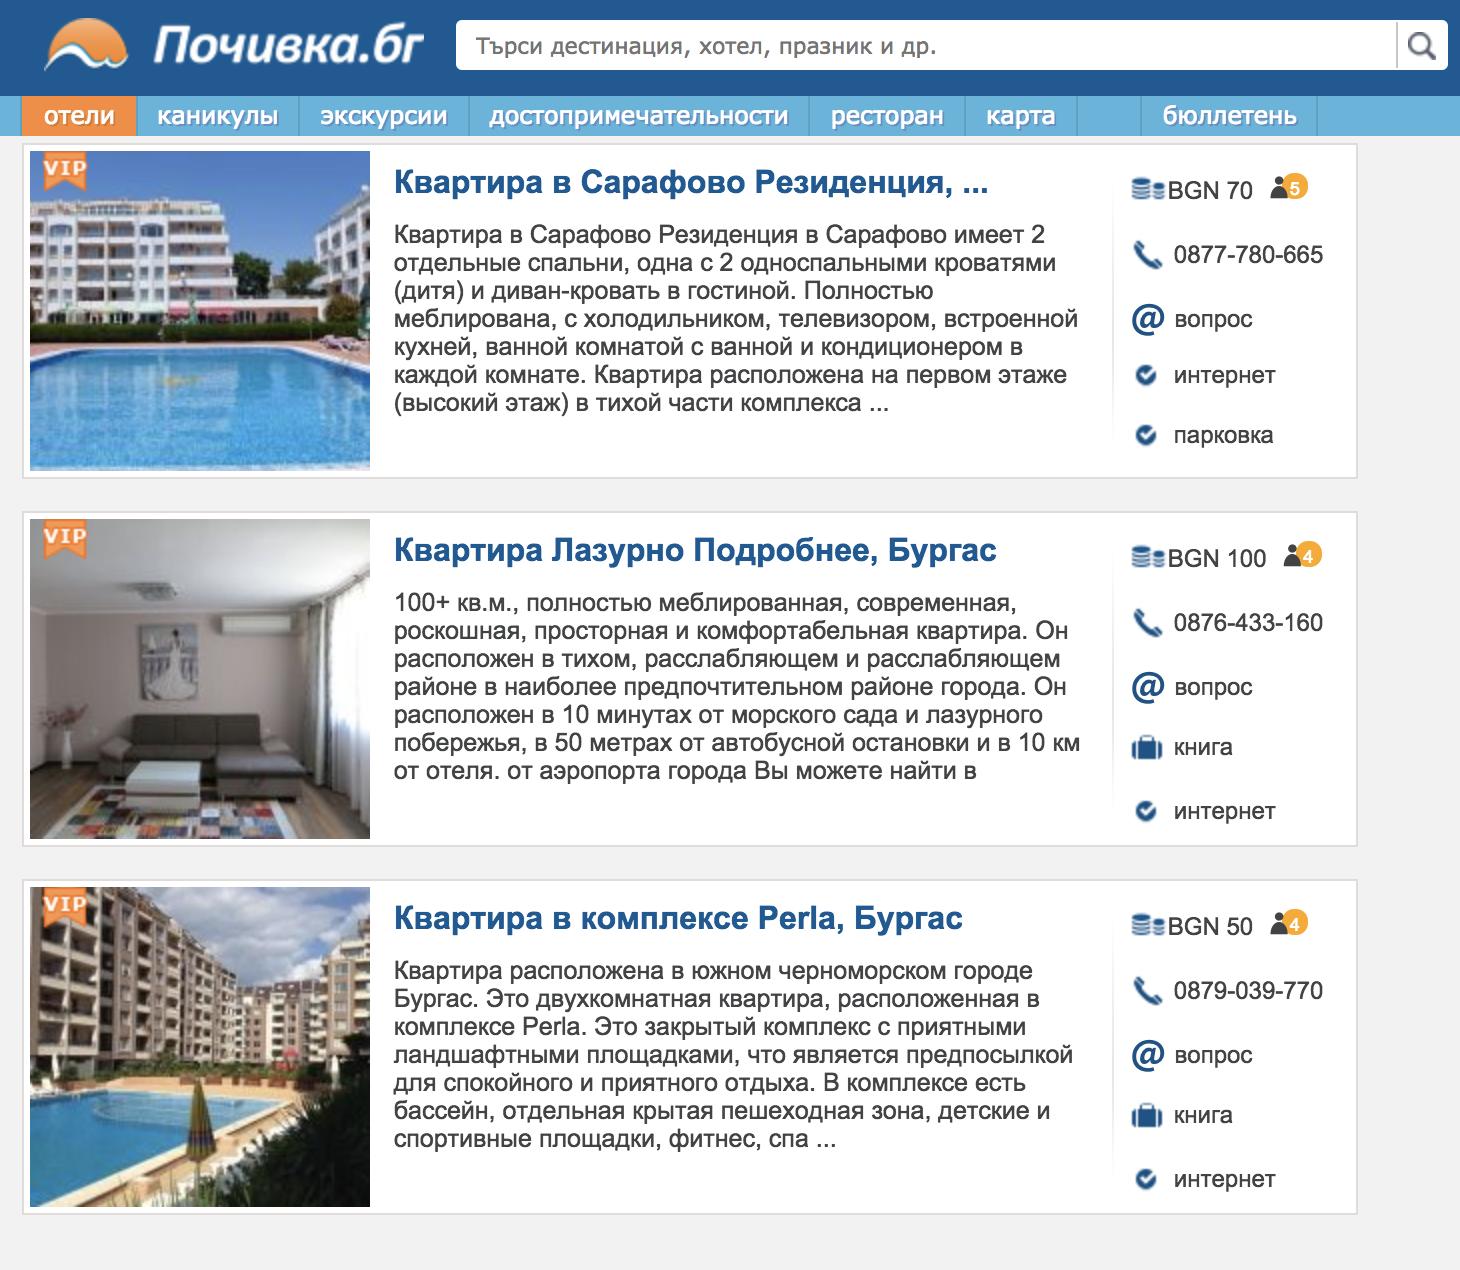 Летом квартиры в Бургасе сдаются за 50—100 левов (1930—3860<span class=ruble>Р</span>) в сутки. В несезон их сдают за 200—300 левов (7720—11 600<span class=ruble>Р</span>) в месяц